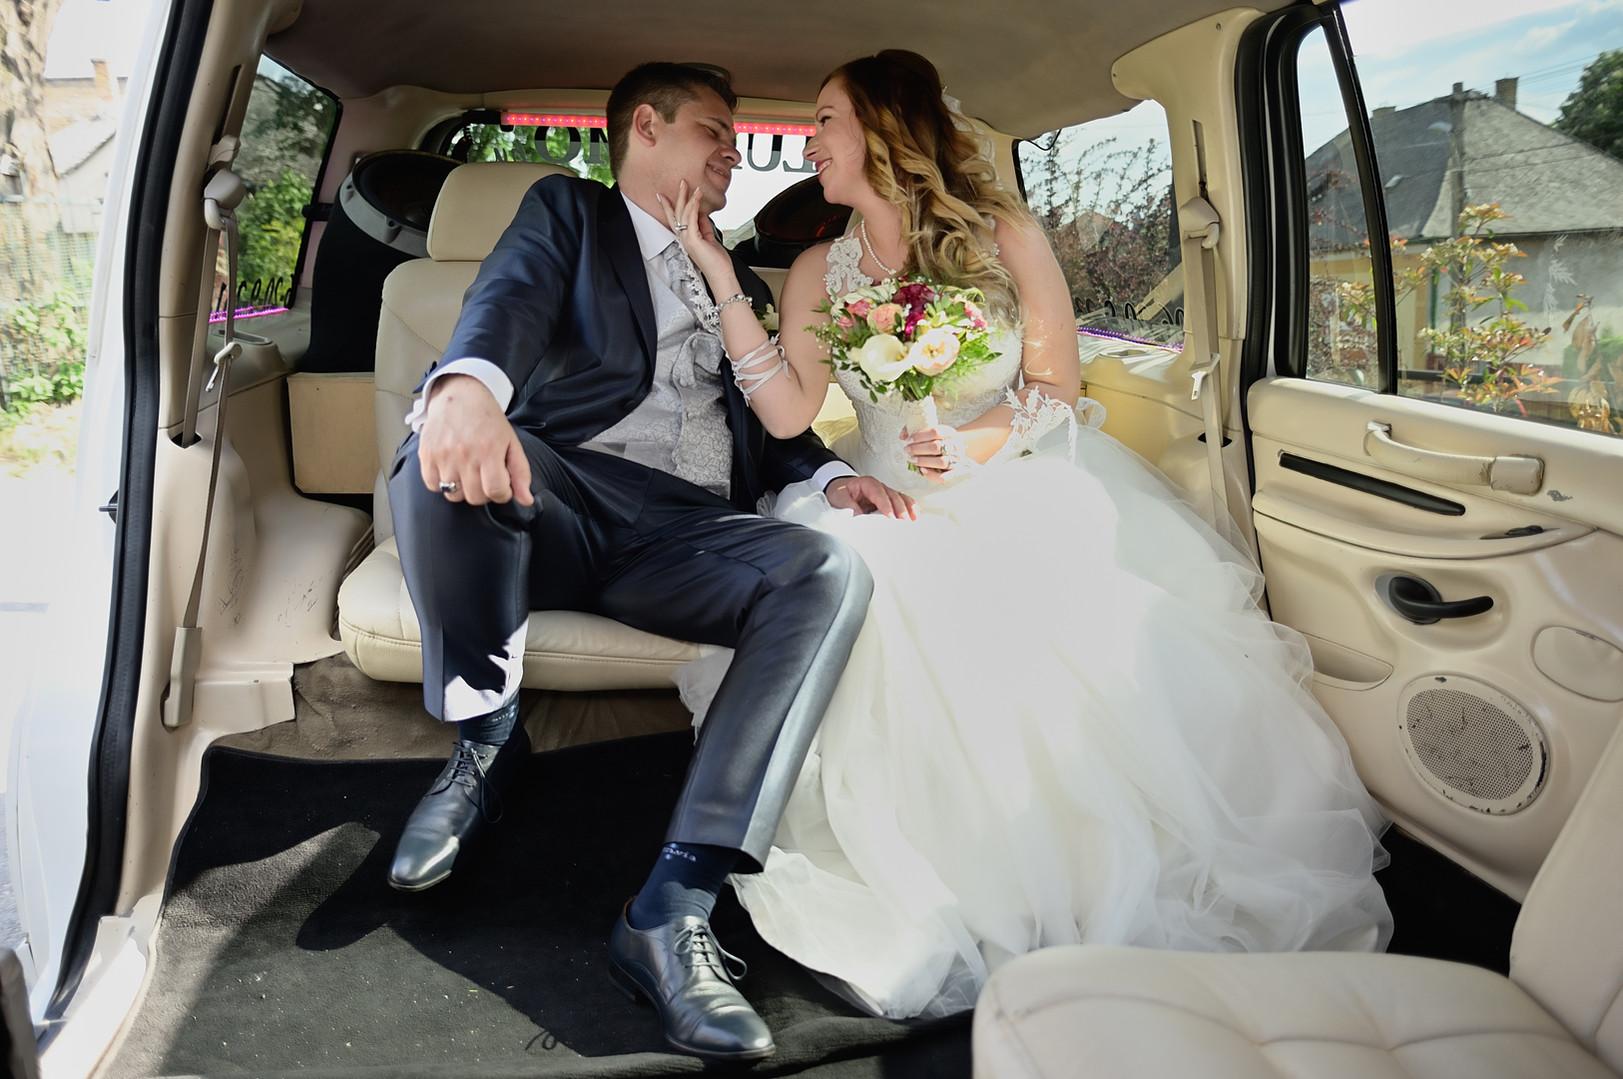 385  Esküvői fotózás - Enikő és Peti KRE